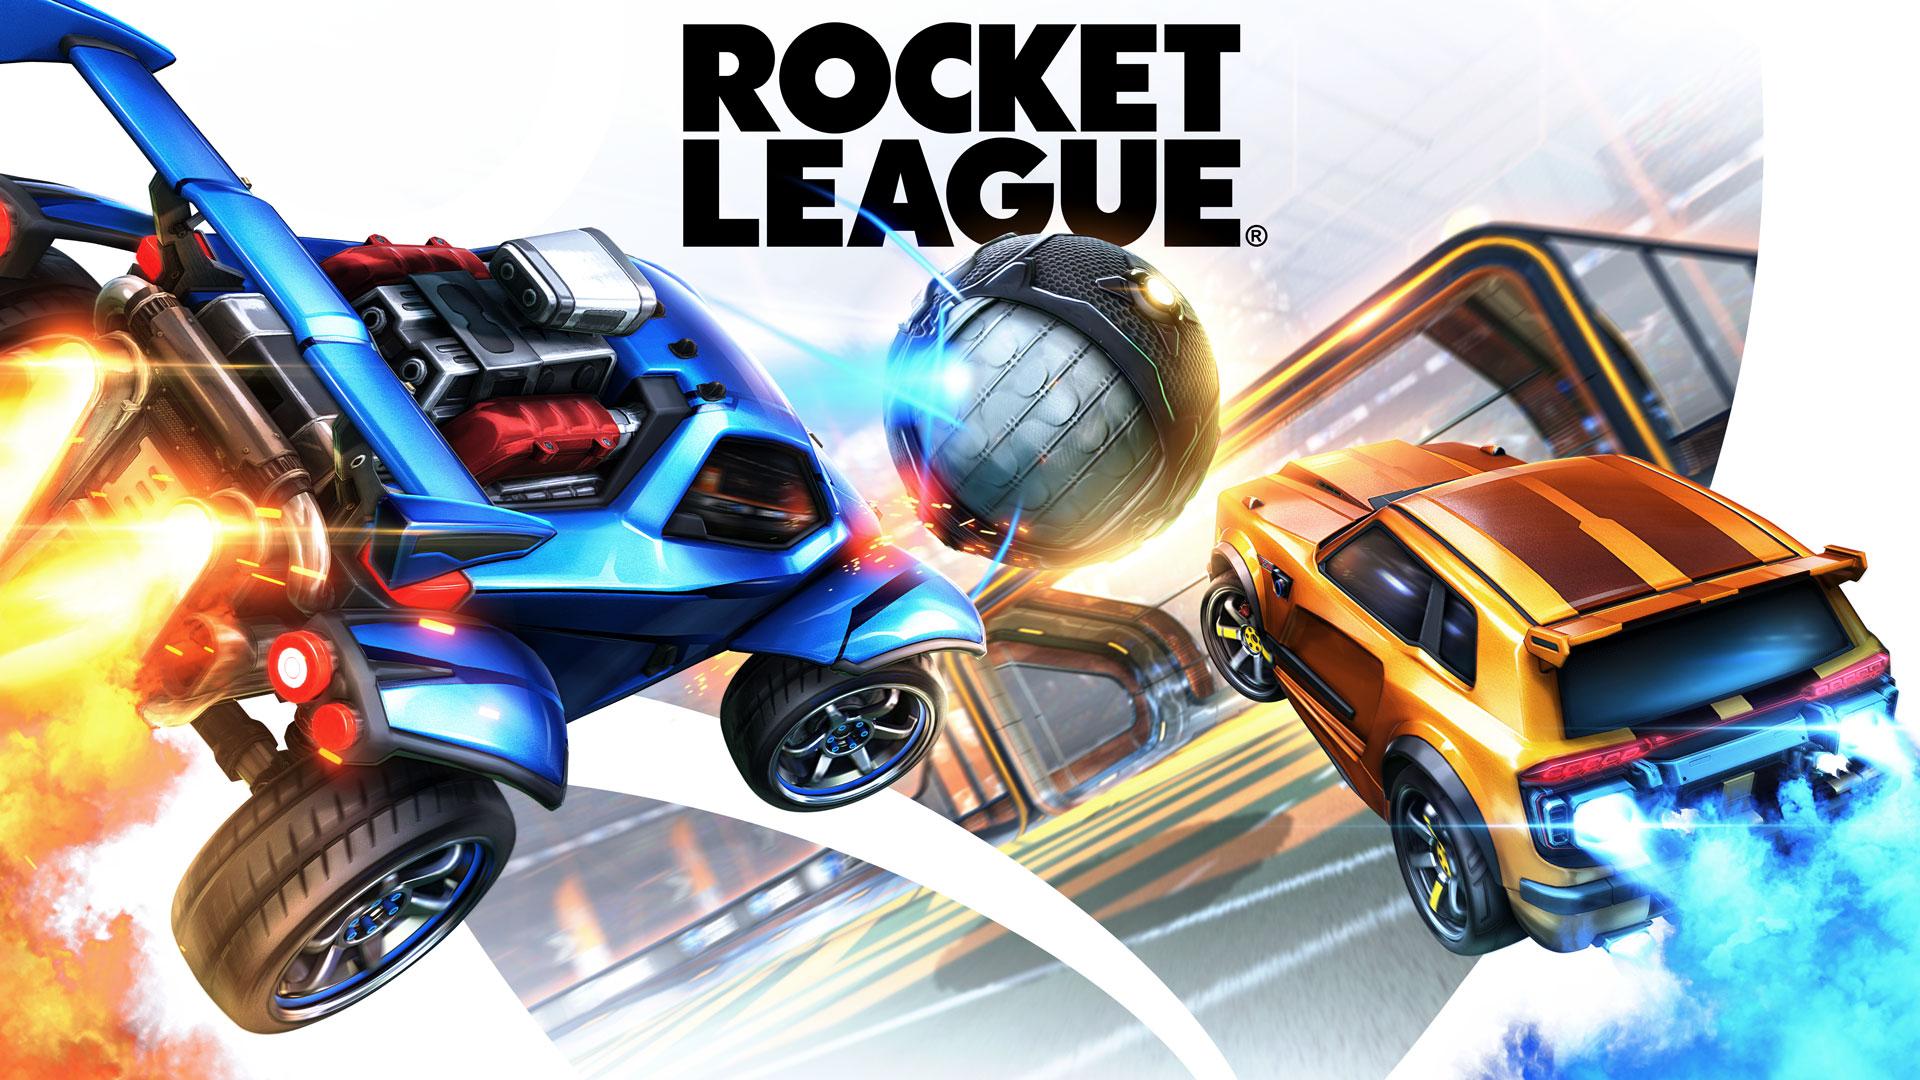 Intramural 4v4 Rocket League Registration